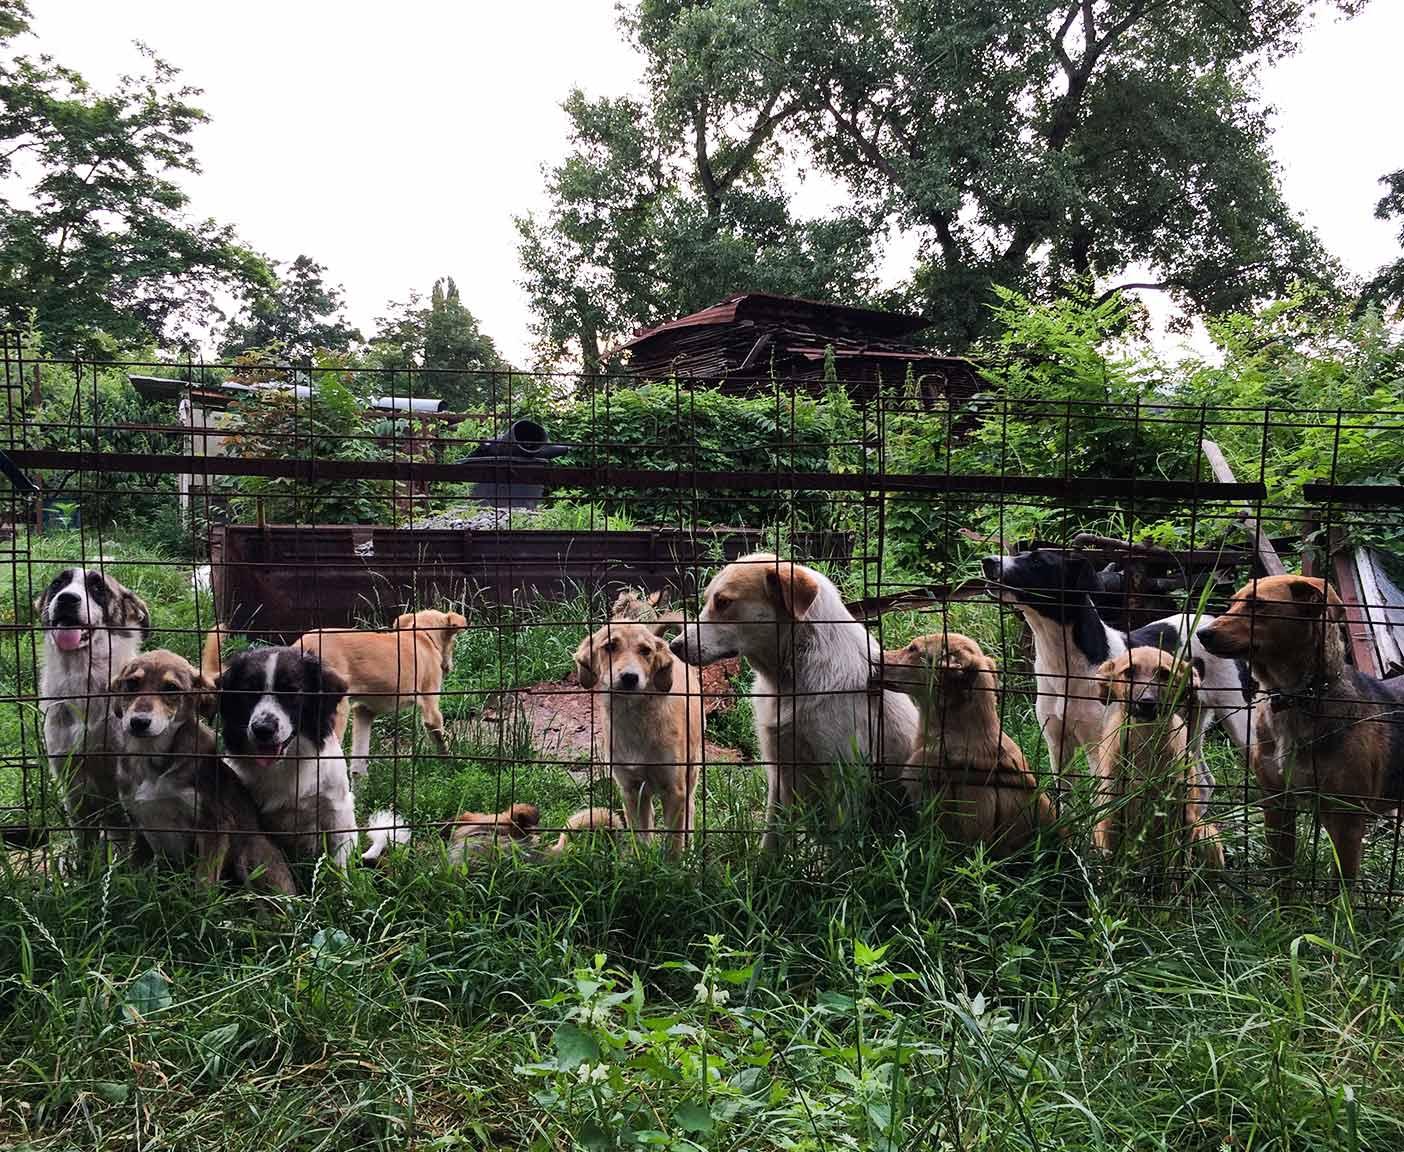 russische-hunde-straßenhunde-tierheim-adoption-vermittlung-von-haustieren-hilfe-spenden-12